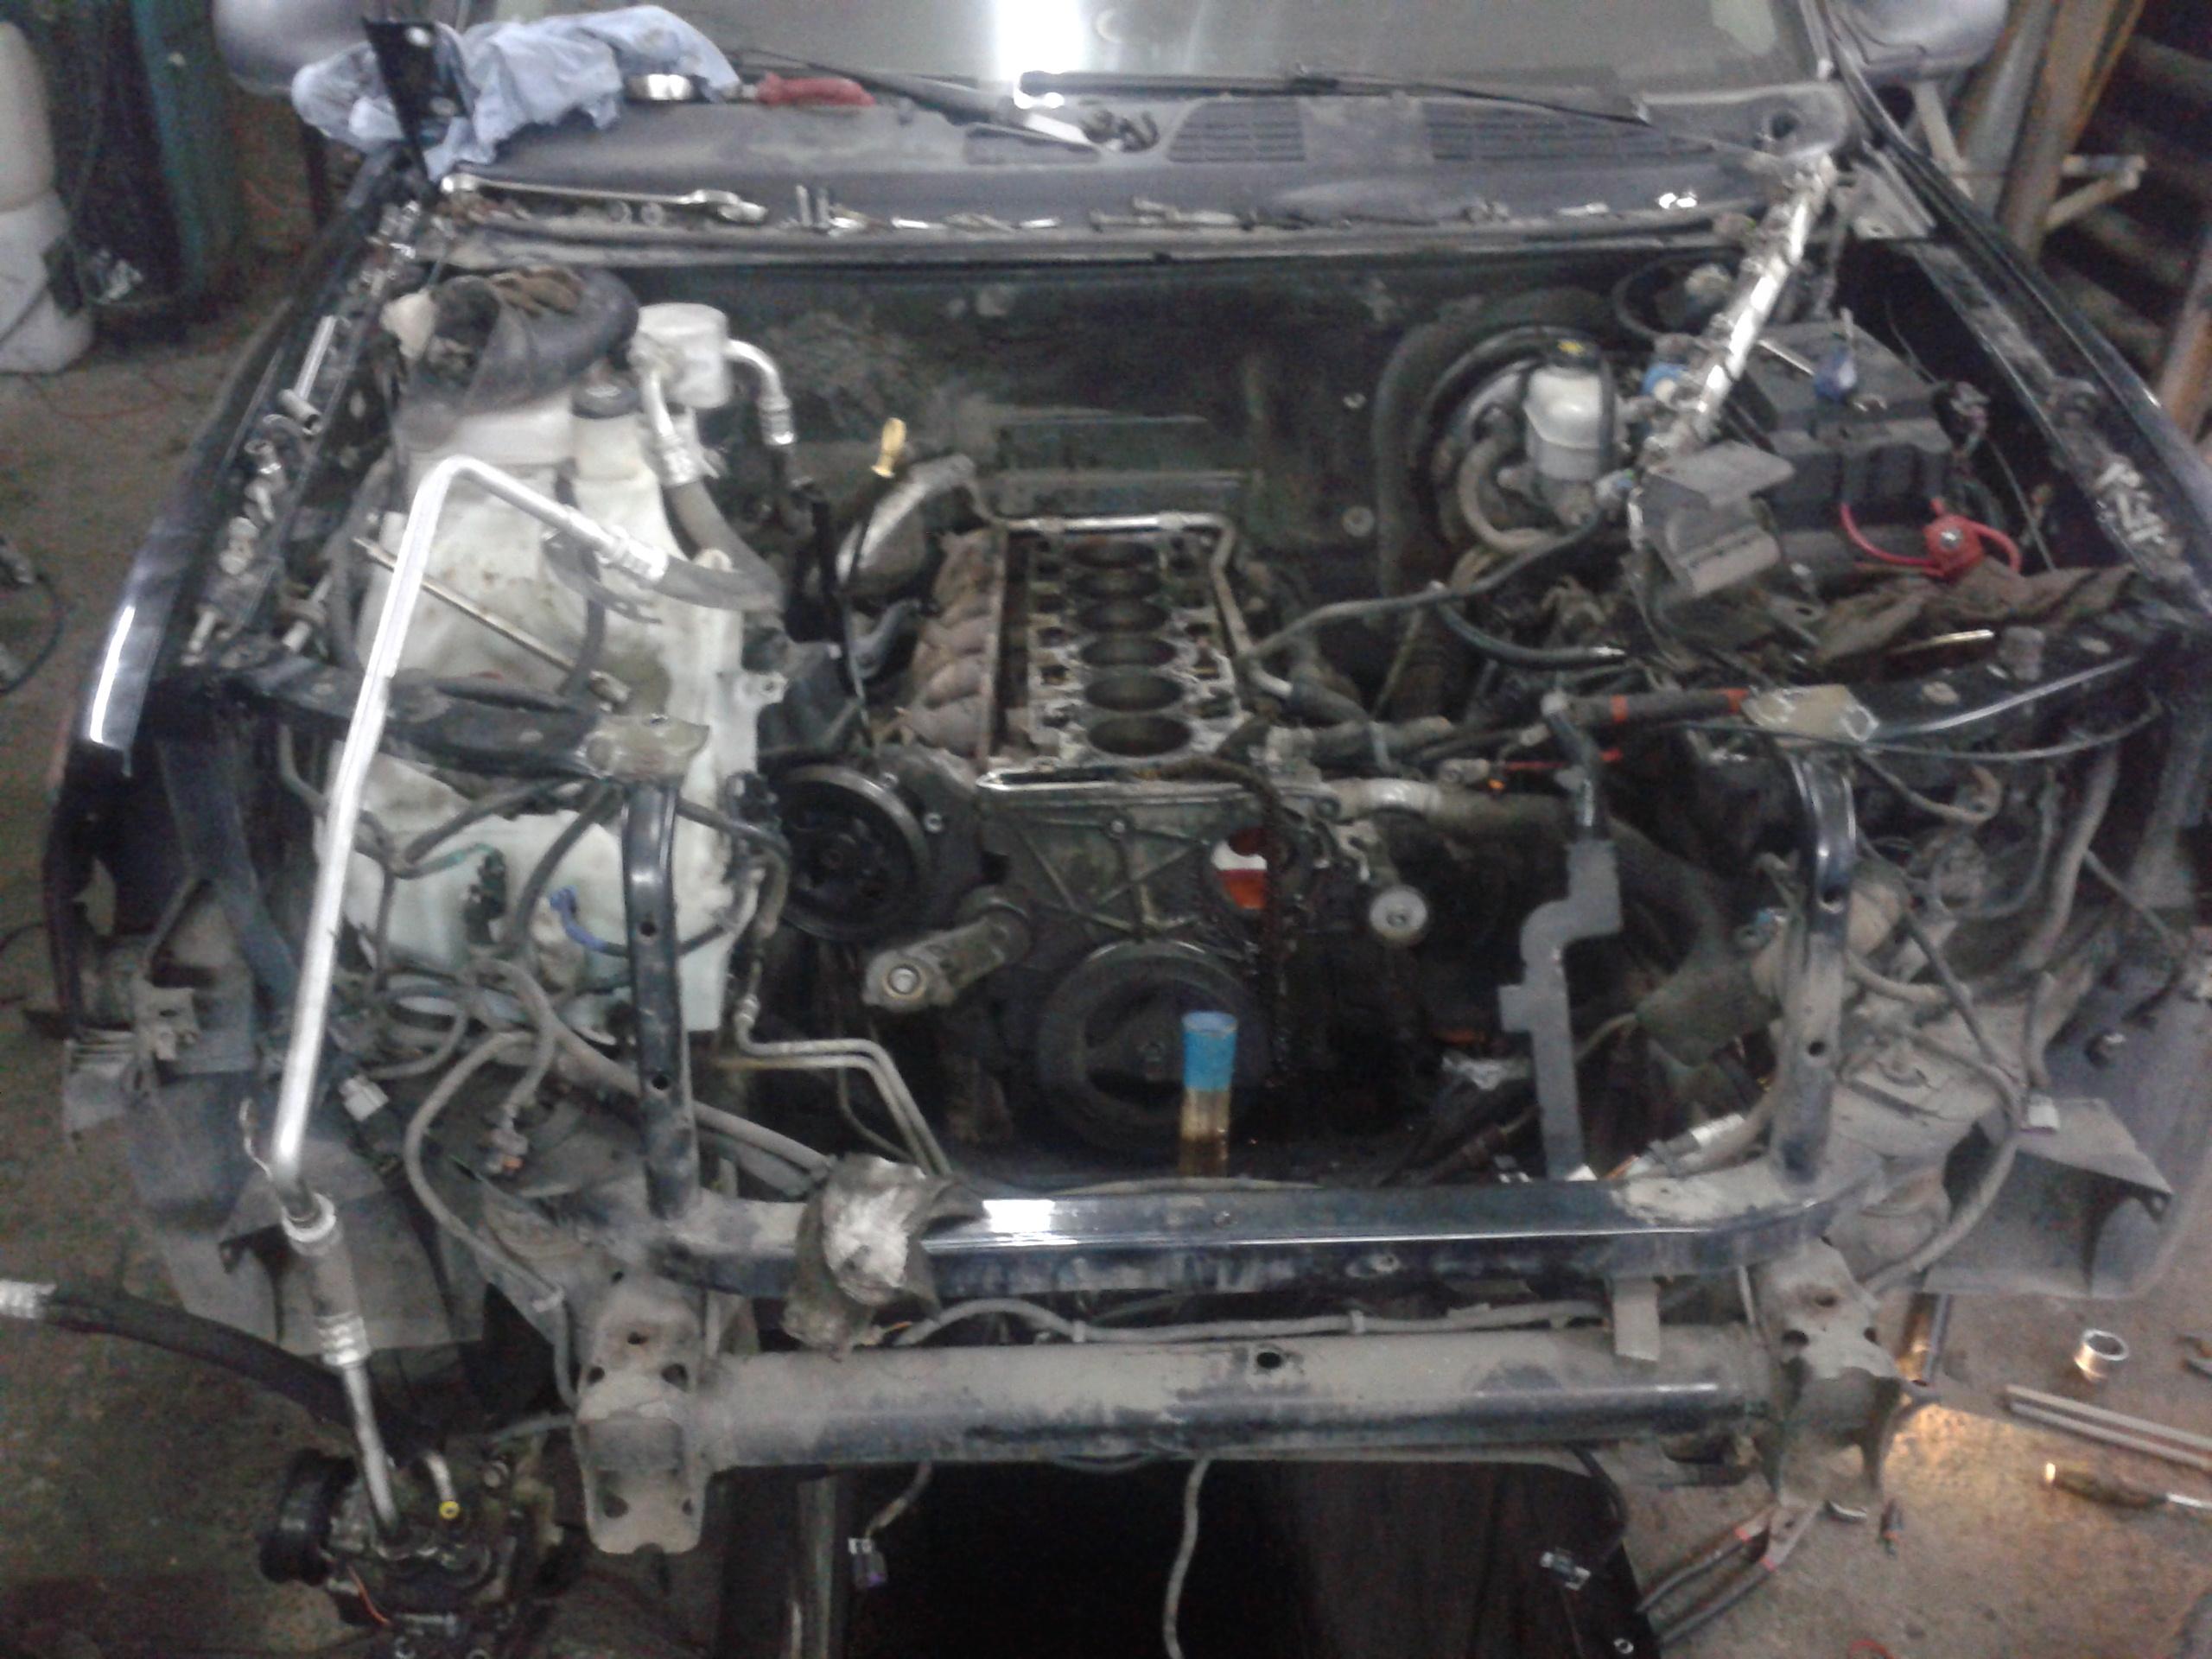 Ремонт двигателя Тиана, автосервис Avtohelp